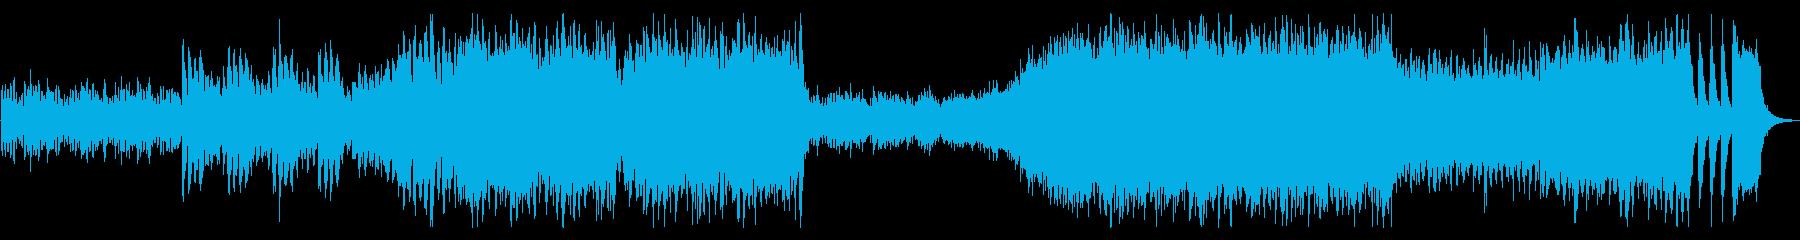 定番クラシック・運動会リレー・天国と地獄の再生済みの波形